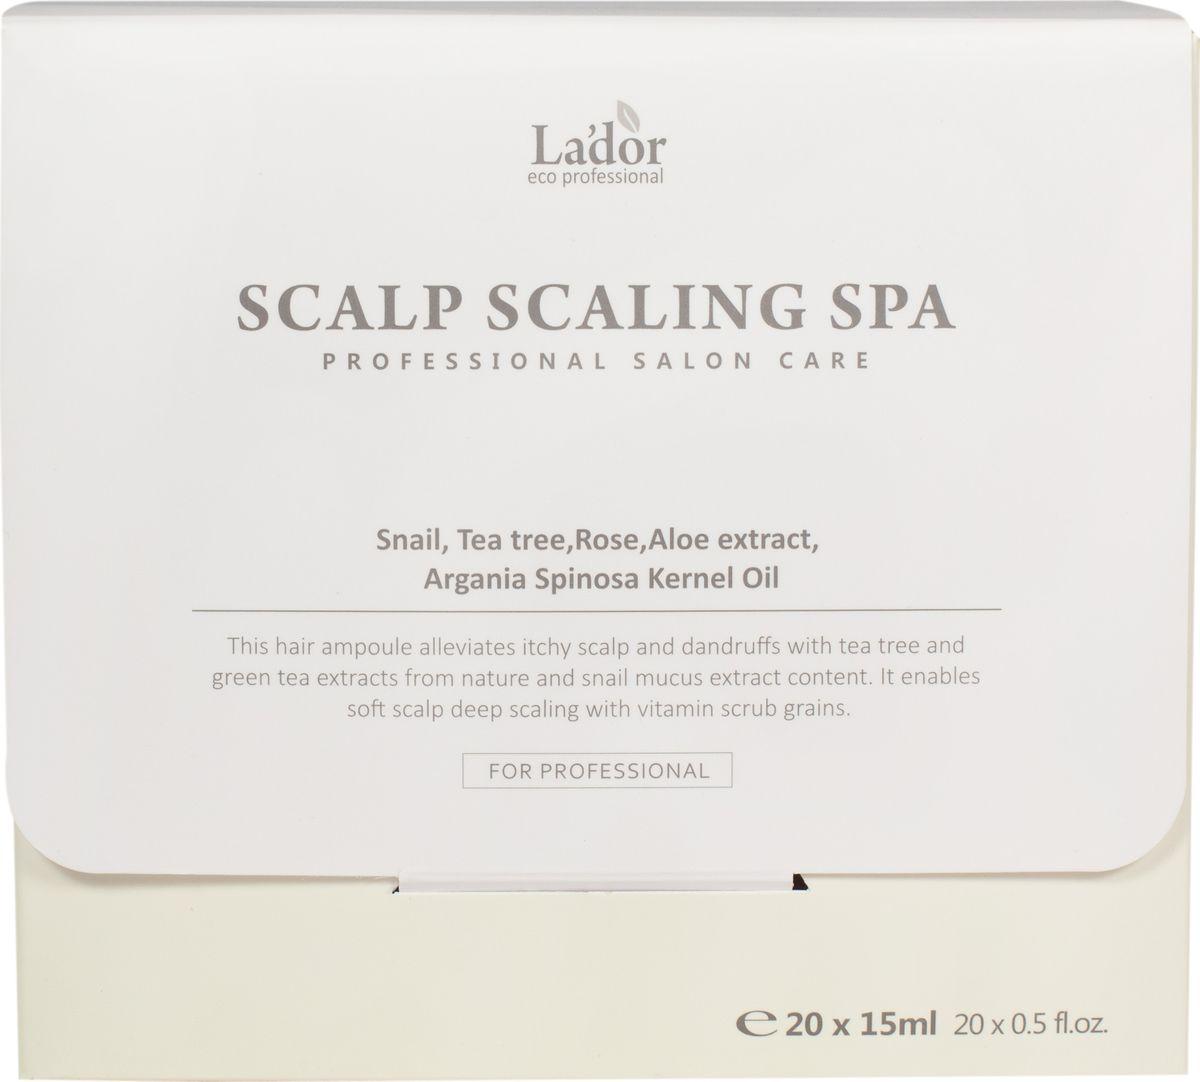 Lador Scalp Scaling Spa Аmpoule Очищающие ампулы для кожи головы, 15 мл x 20 шт8809500810568Компоненты этого пиллинга тщательно очищают кожу головы и корни волос, а так же питают, охлаждают и восстанавливают кожный покров.